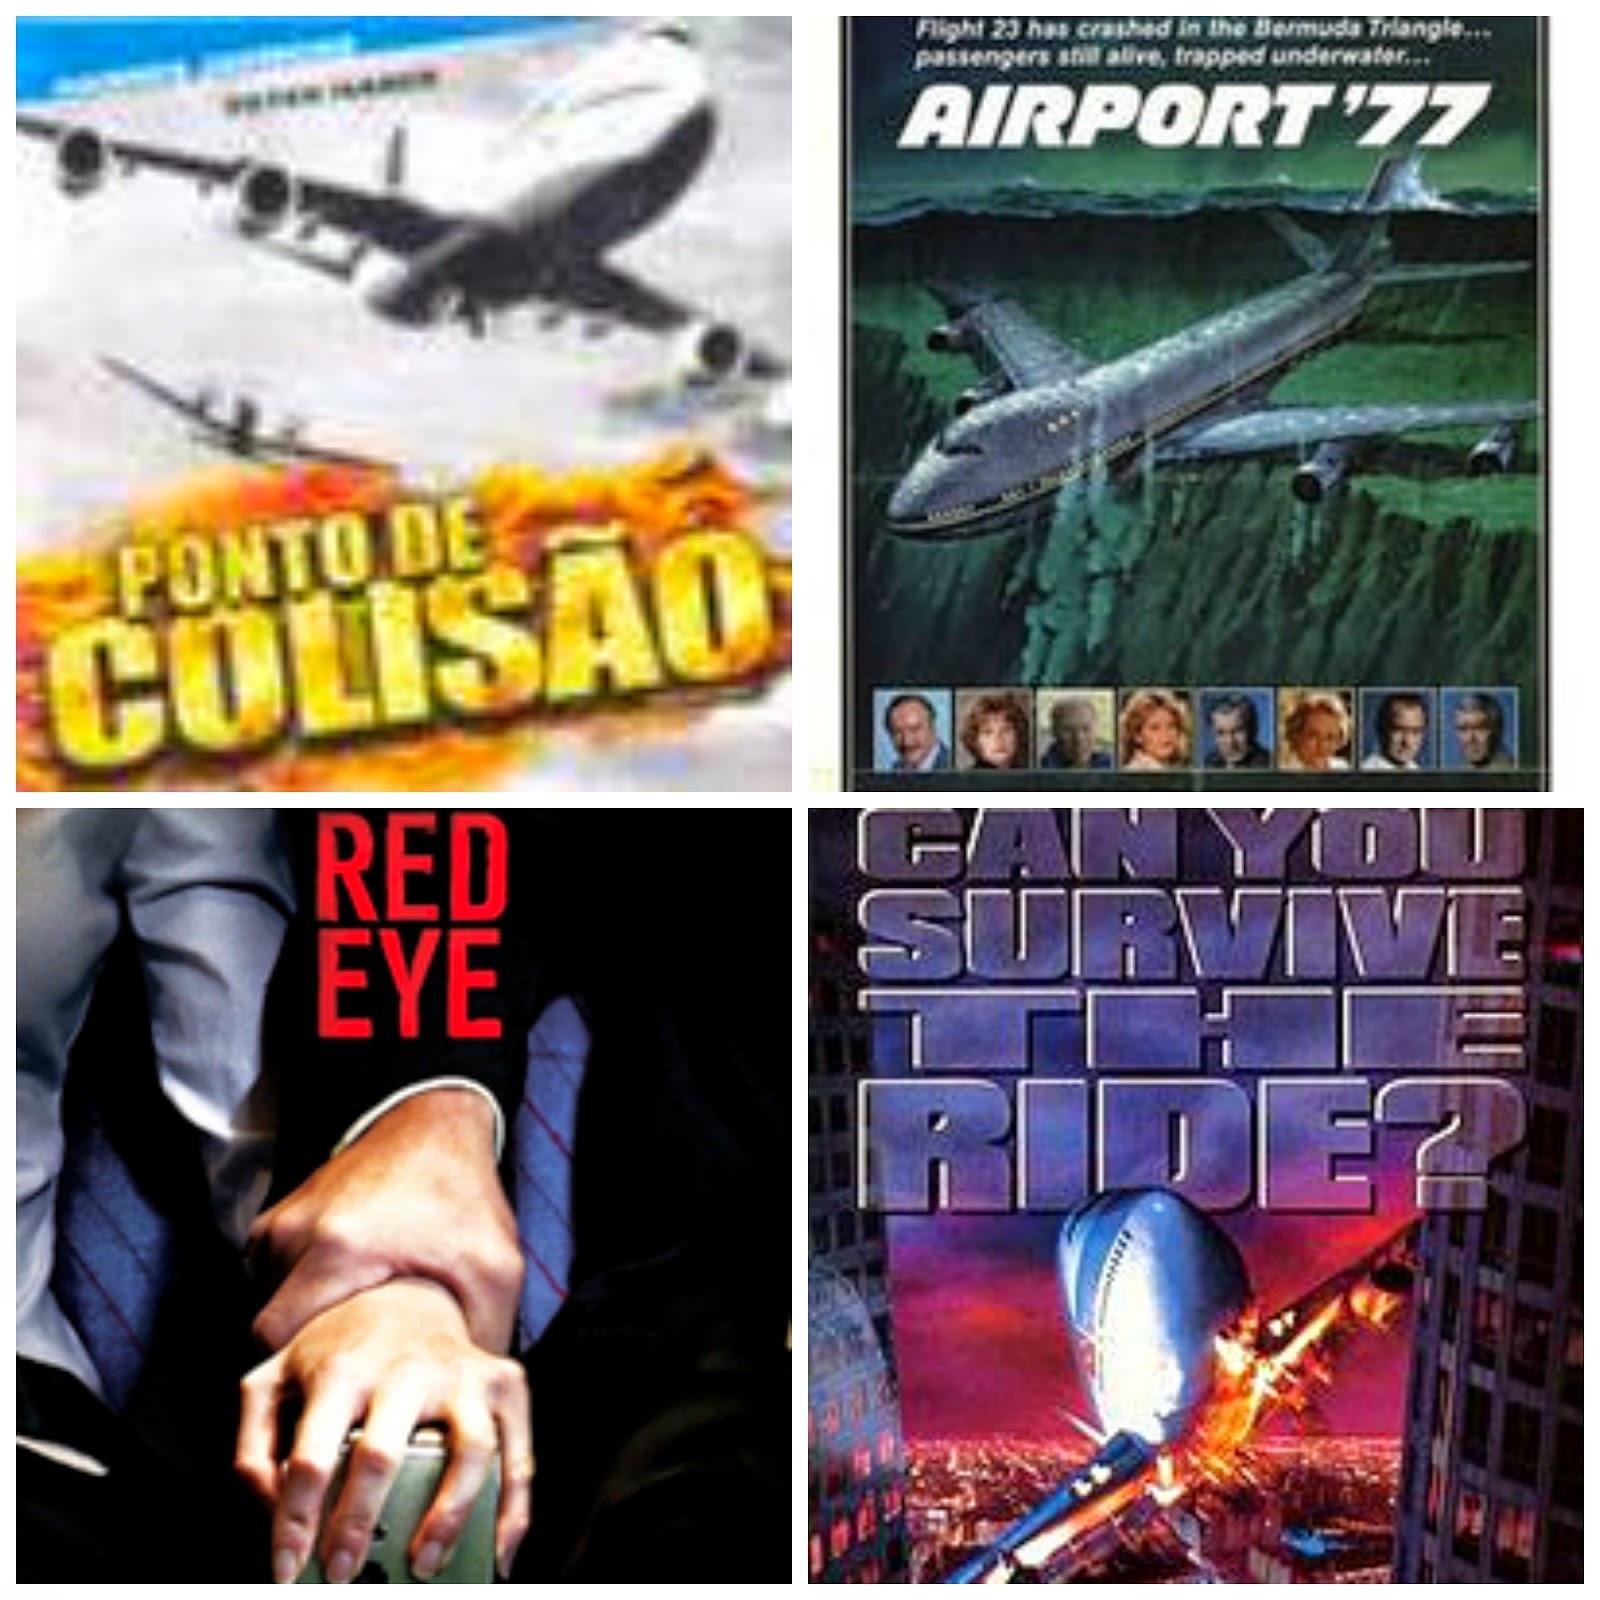 filmes para não assistir antes de viajar de avião